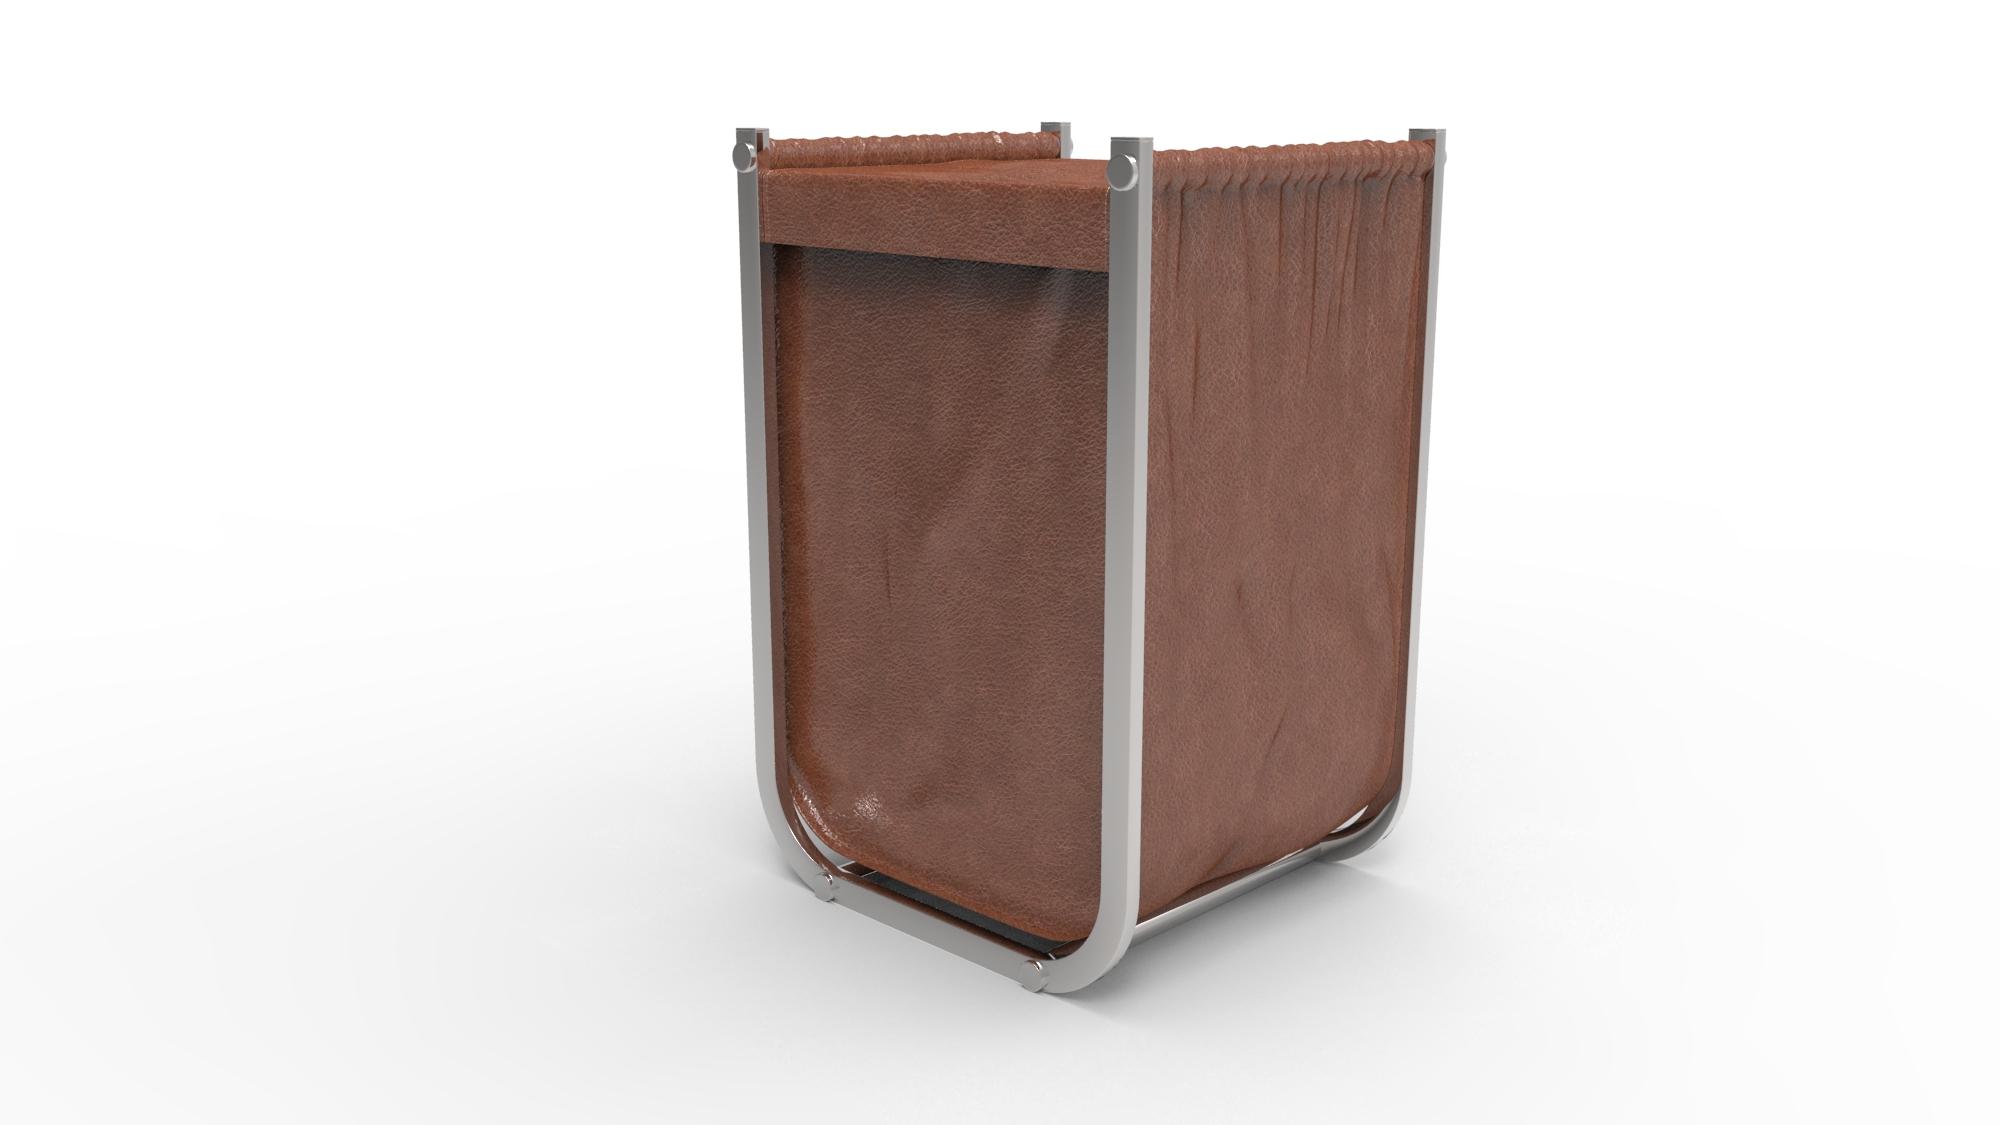 Dosch design dosch 3d bathroom accessories for Mobilia arredamento 3d